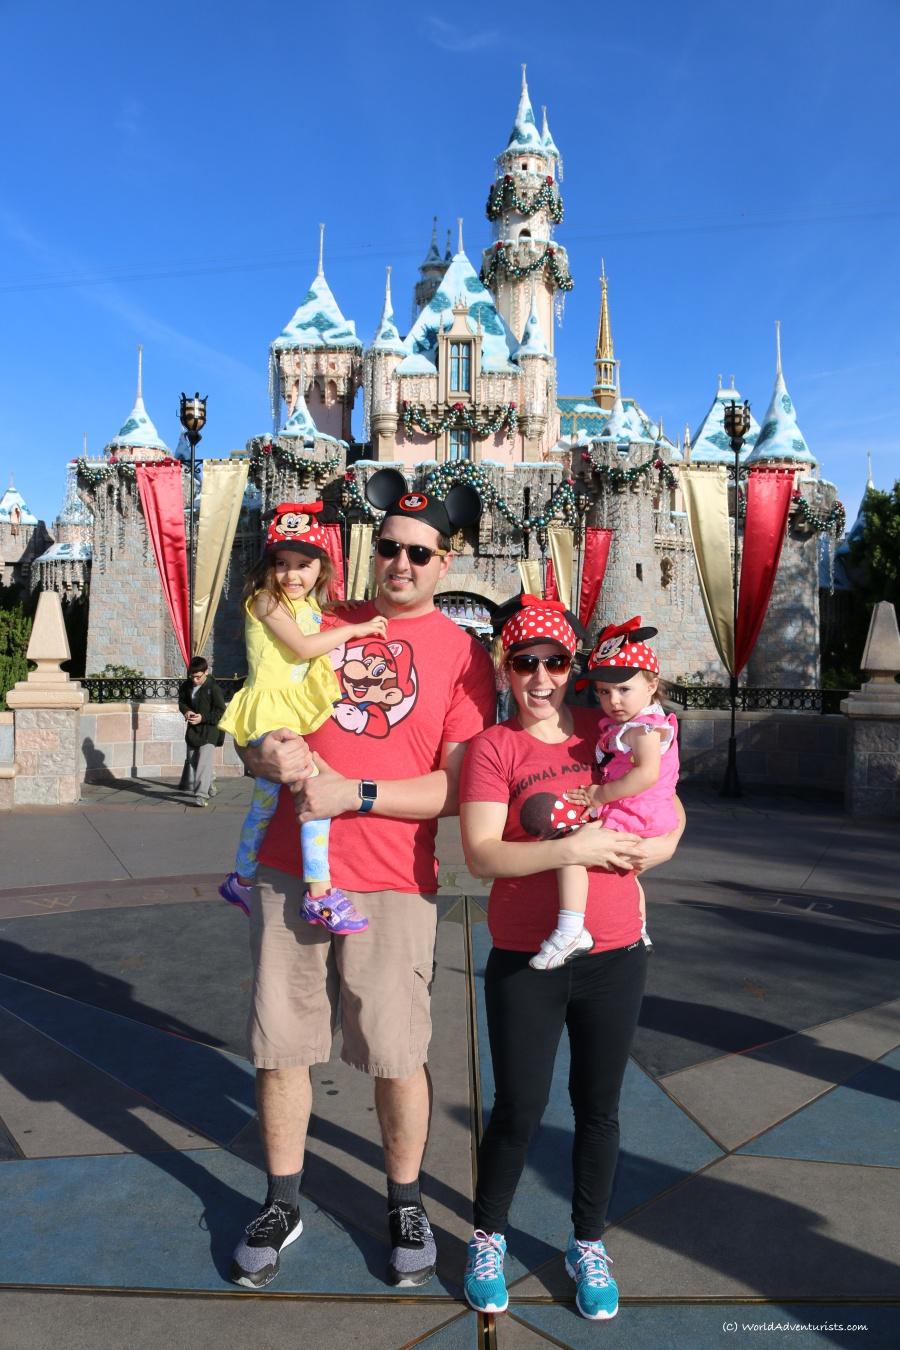 A family photo at Disneyland at Christmas